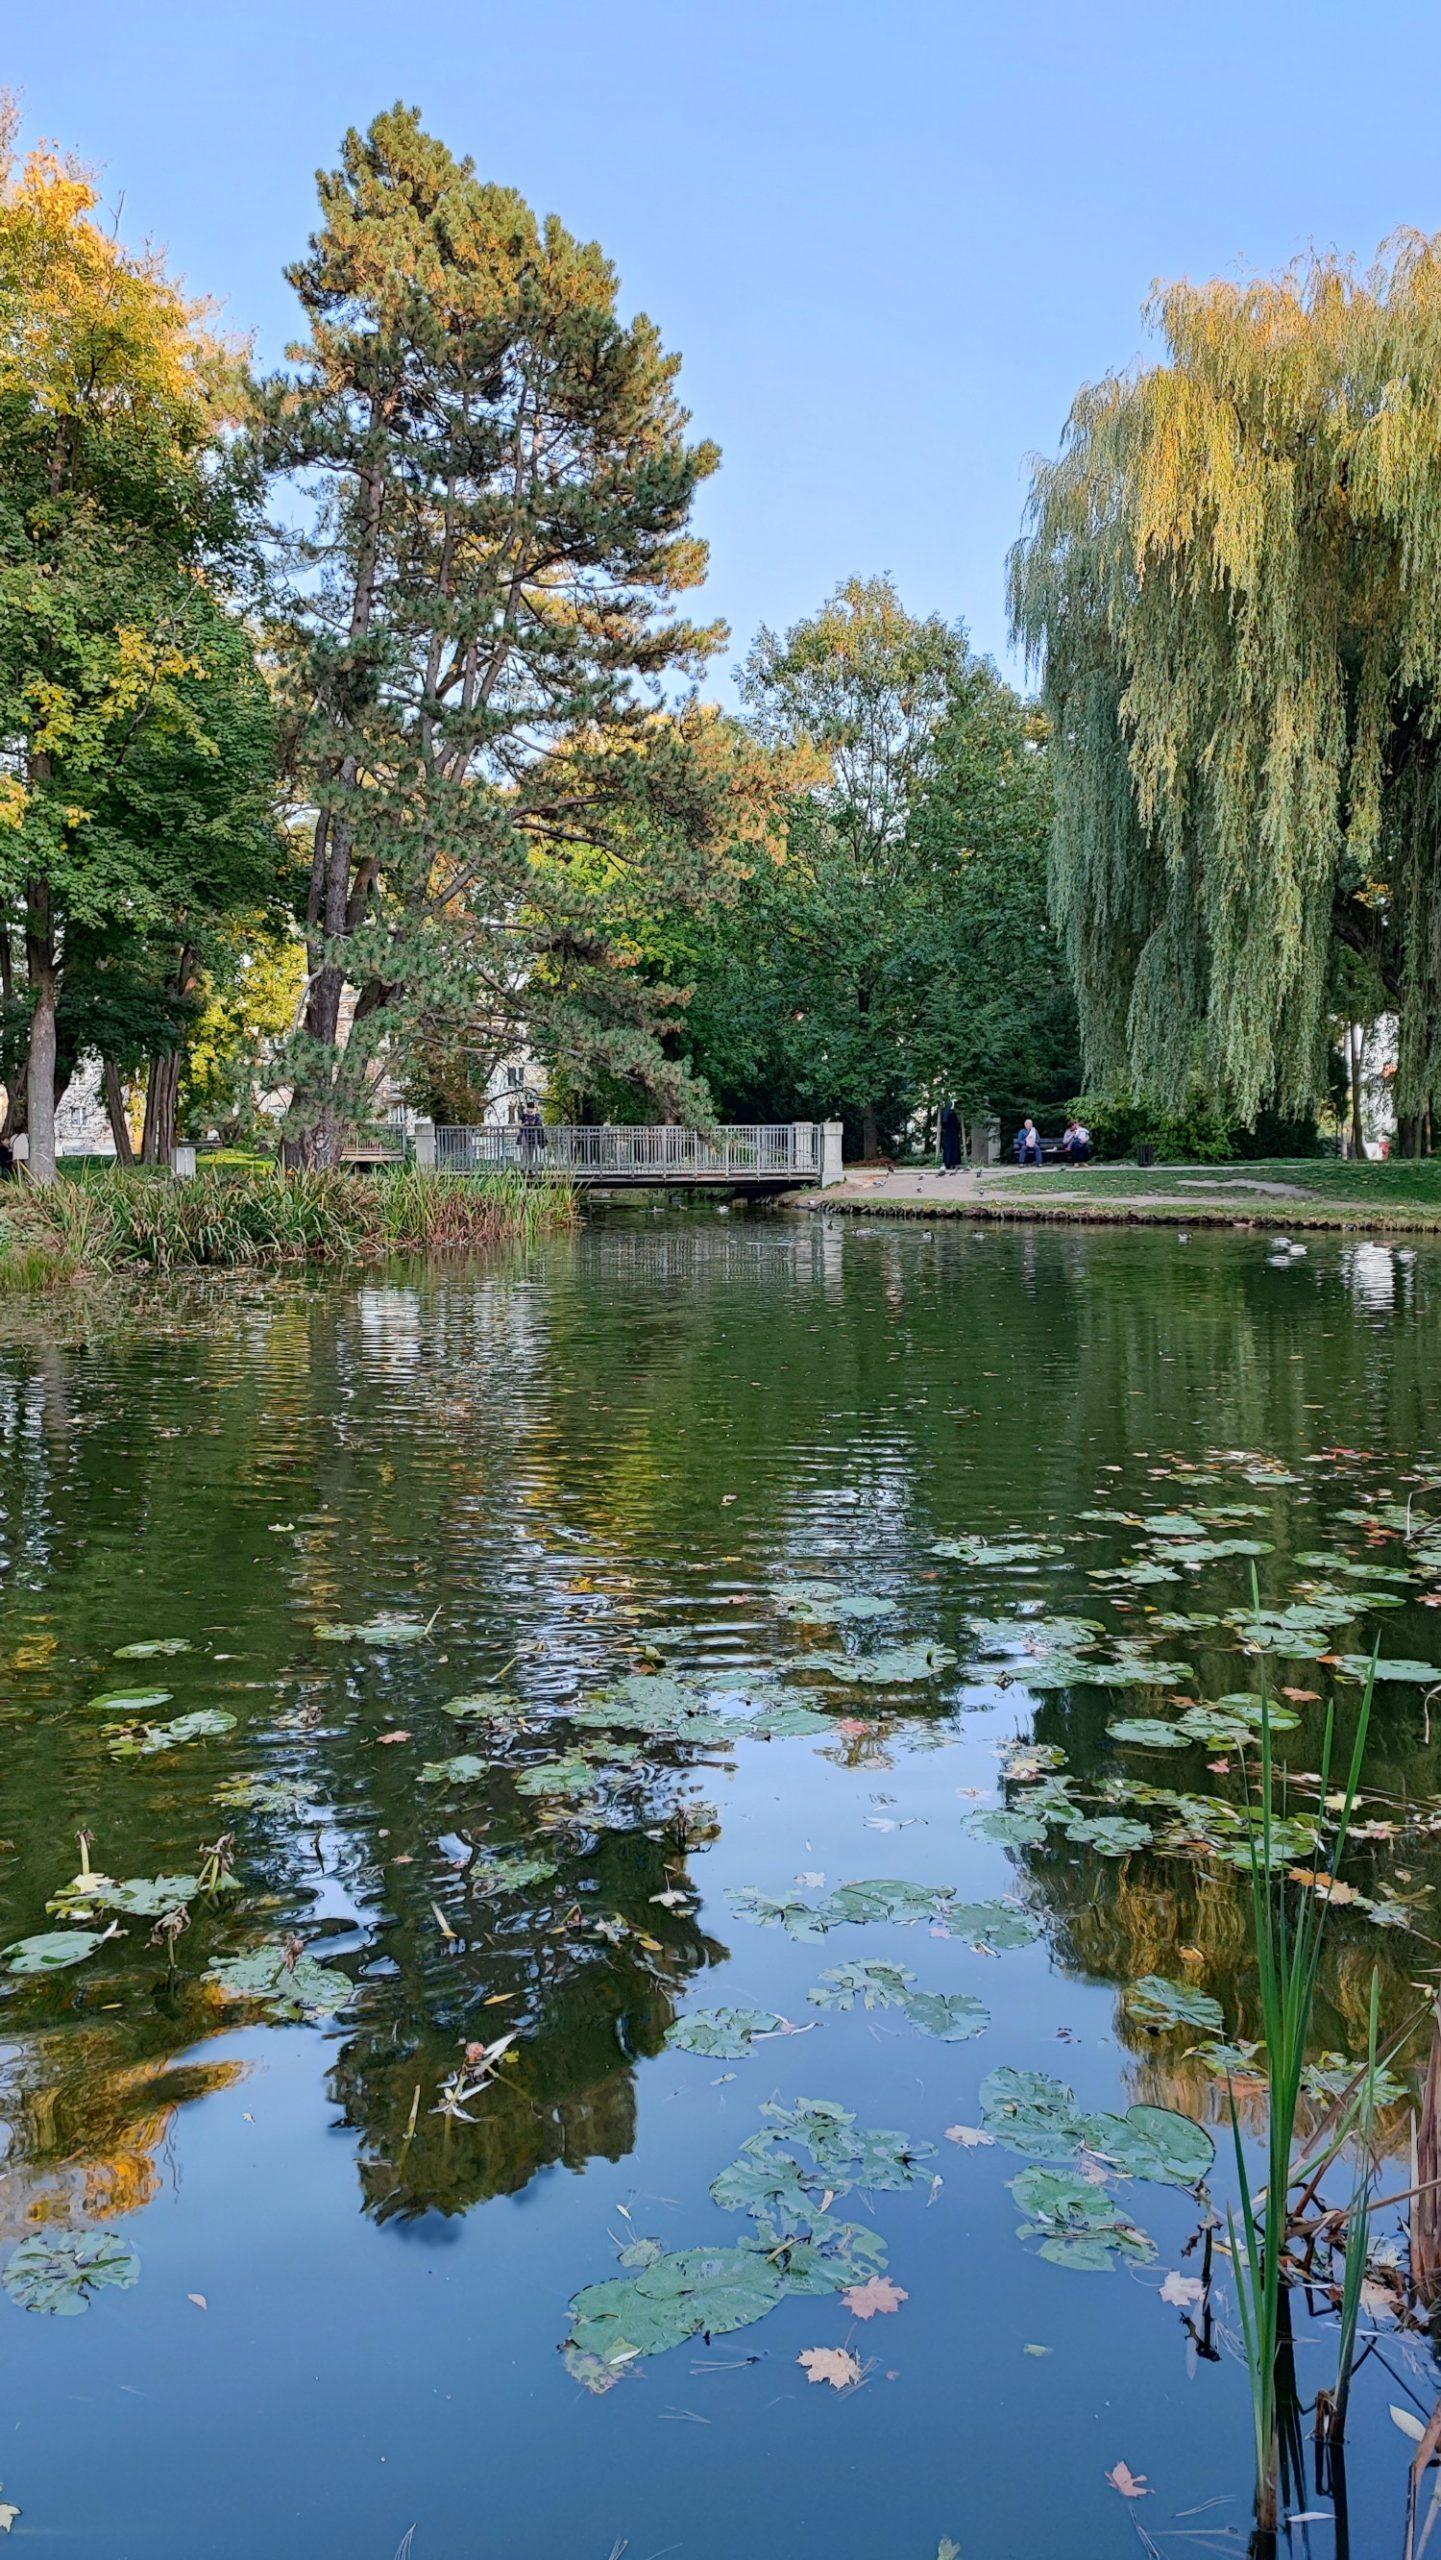 xiaomi 11t pro zdjęcie w parku